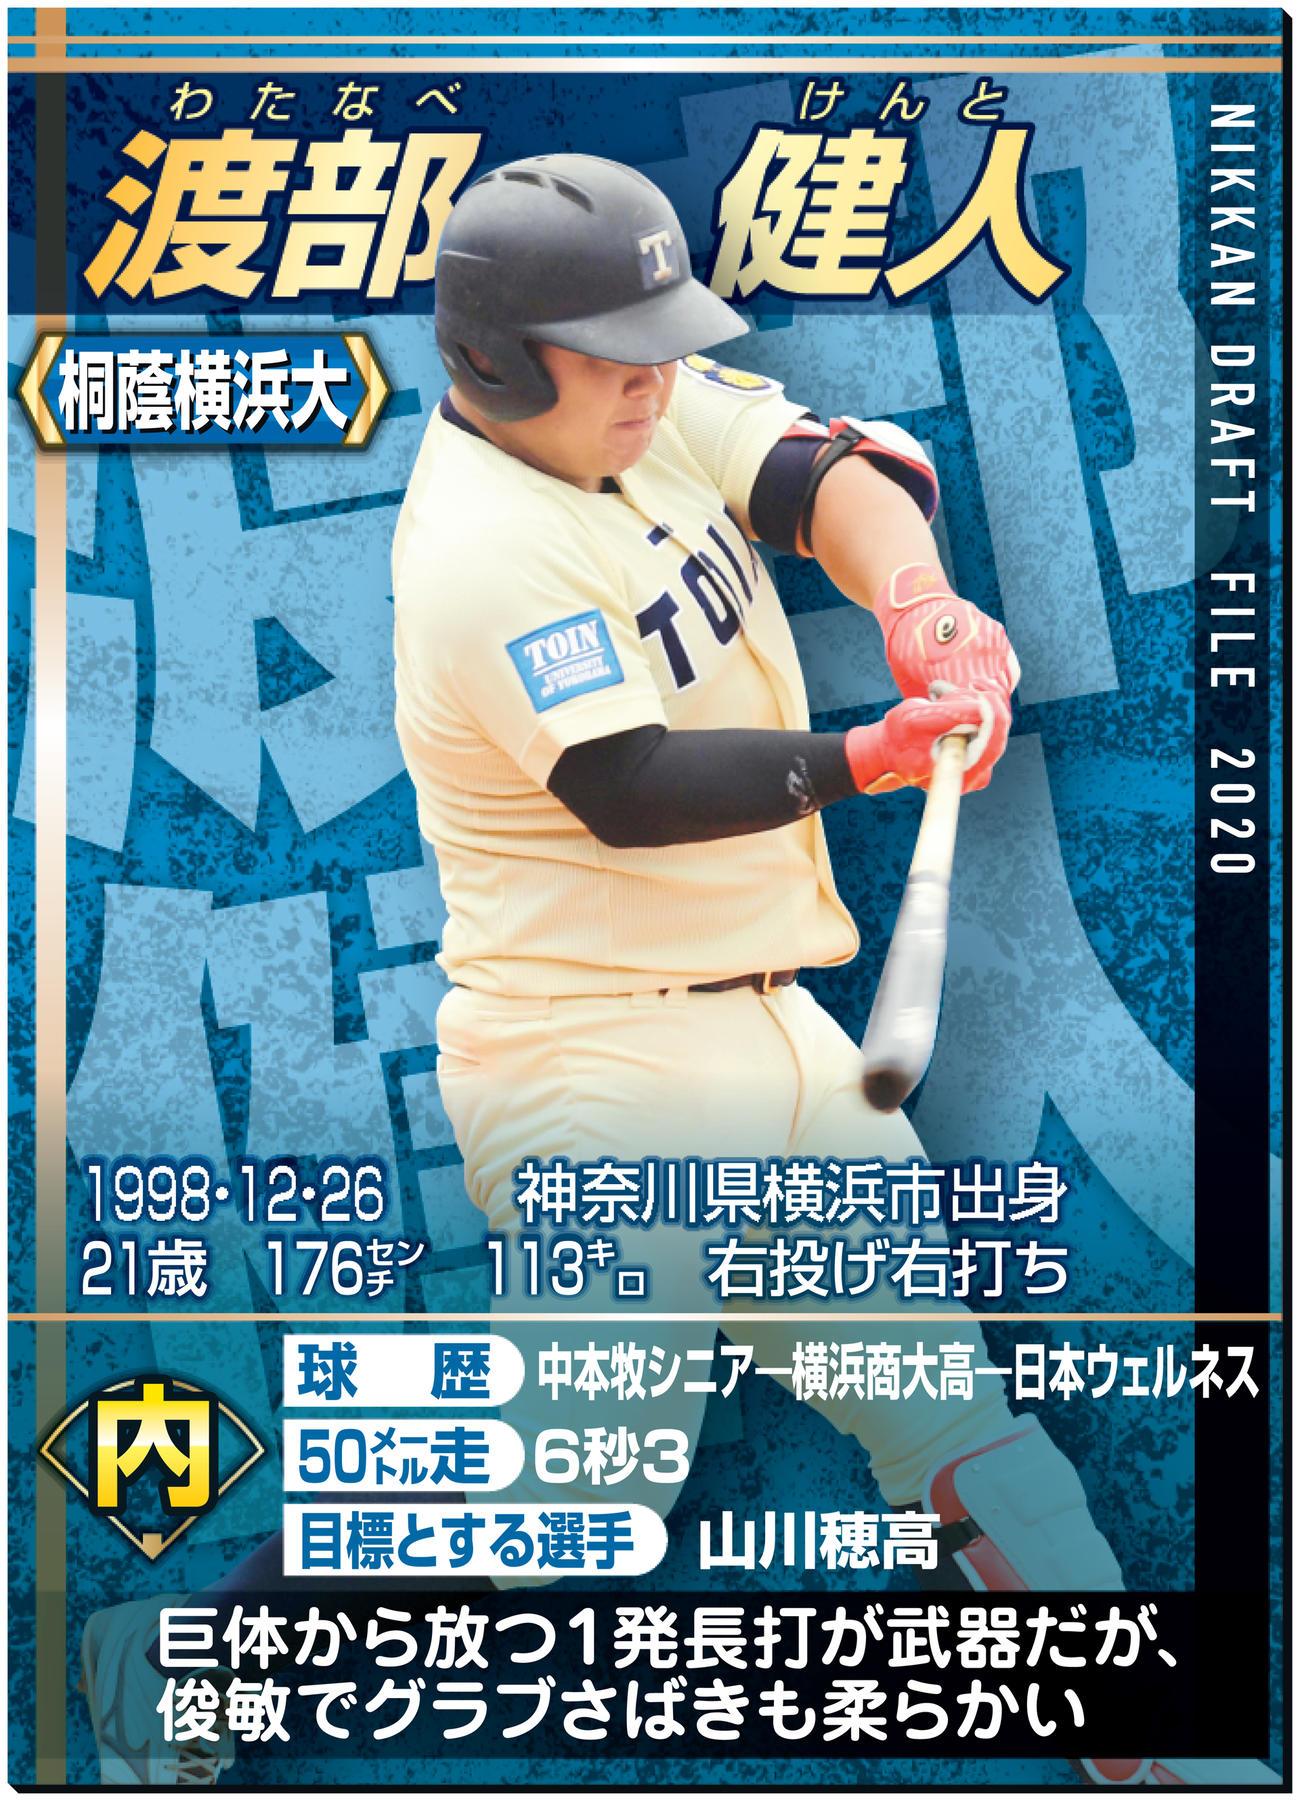 桐蔭横浜大・渡部はプロ1本 巨漢113キロも遊安 - アマ野球写真 ...